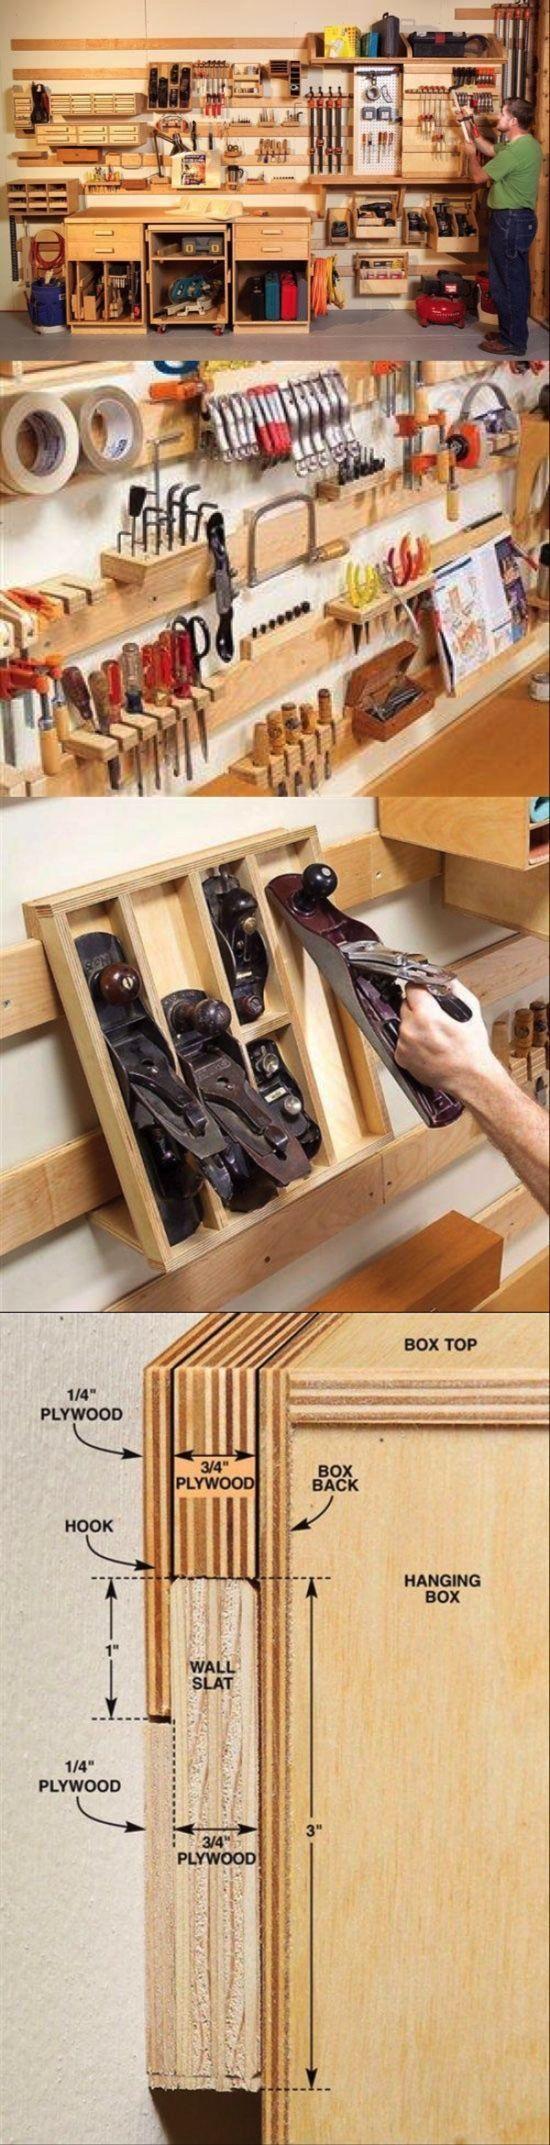 Es gibt viele hilfreiche Tipps zu Ihren Holzbearbeitungsbetrieben in